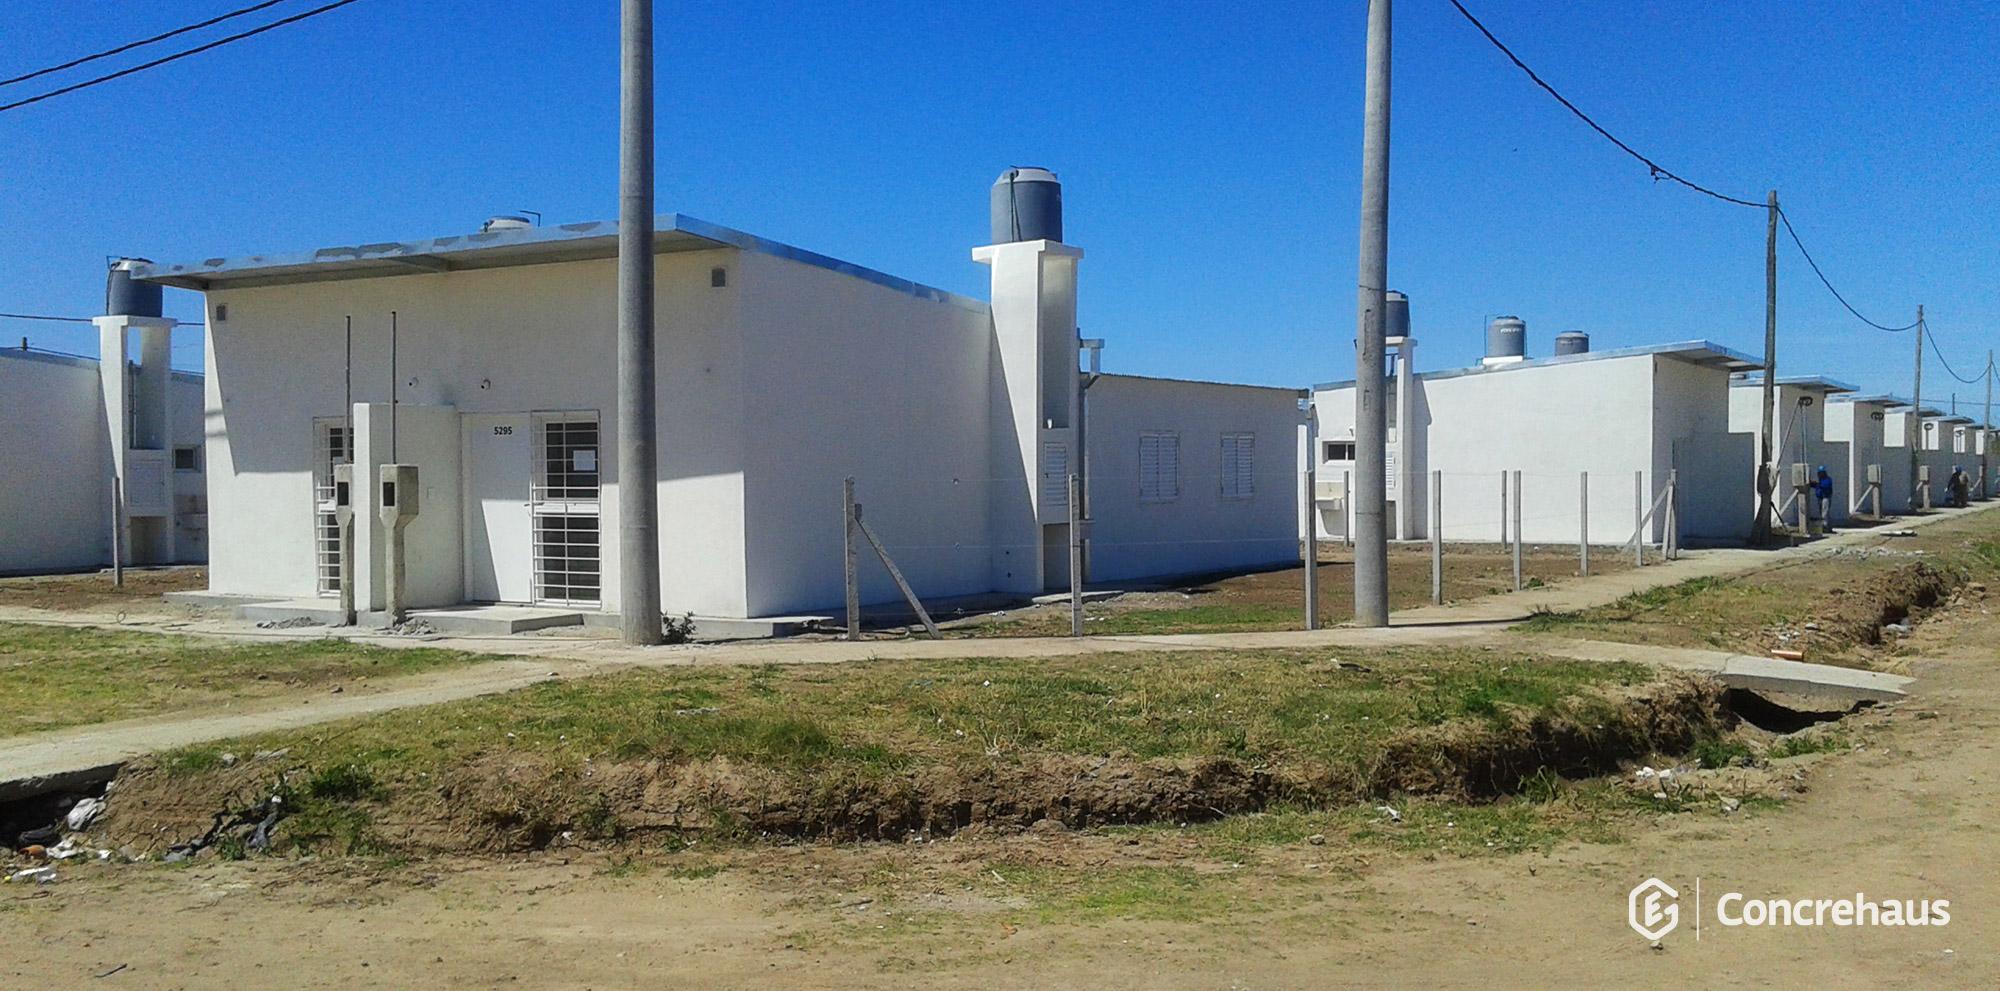 Empresa constructora DYCASA. Barrio Avellaneda Oeste, Rosario - Santa Fe